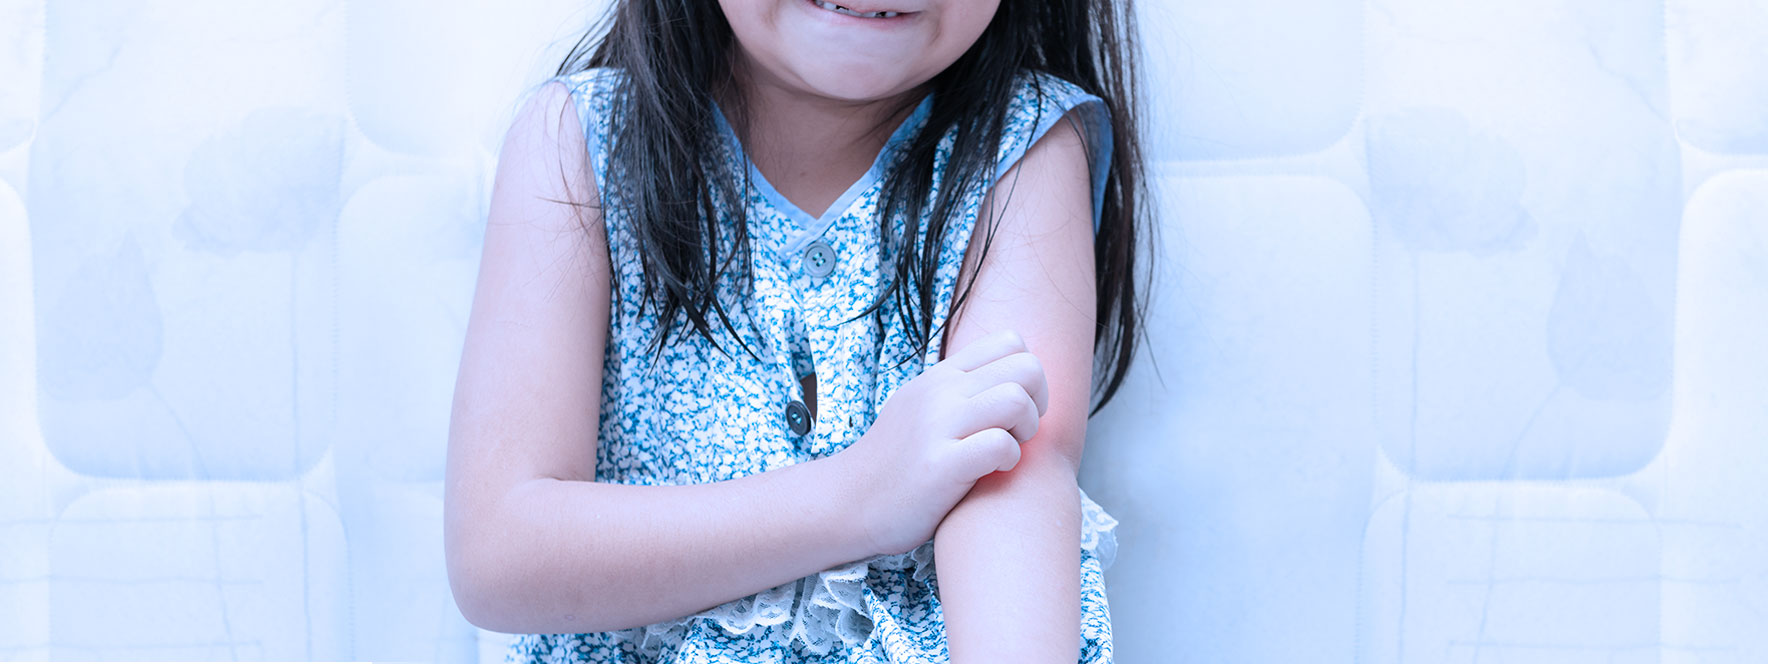 Guide sur les problèmes de peau et la massothérapie - Blogue du Réseau